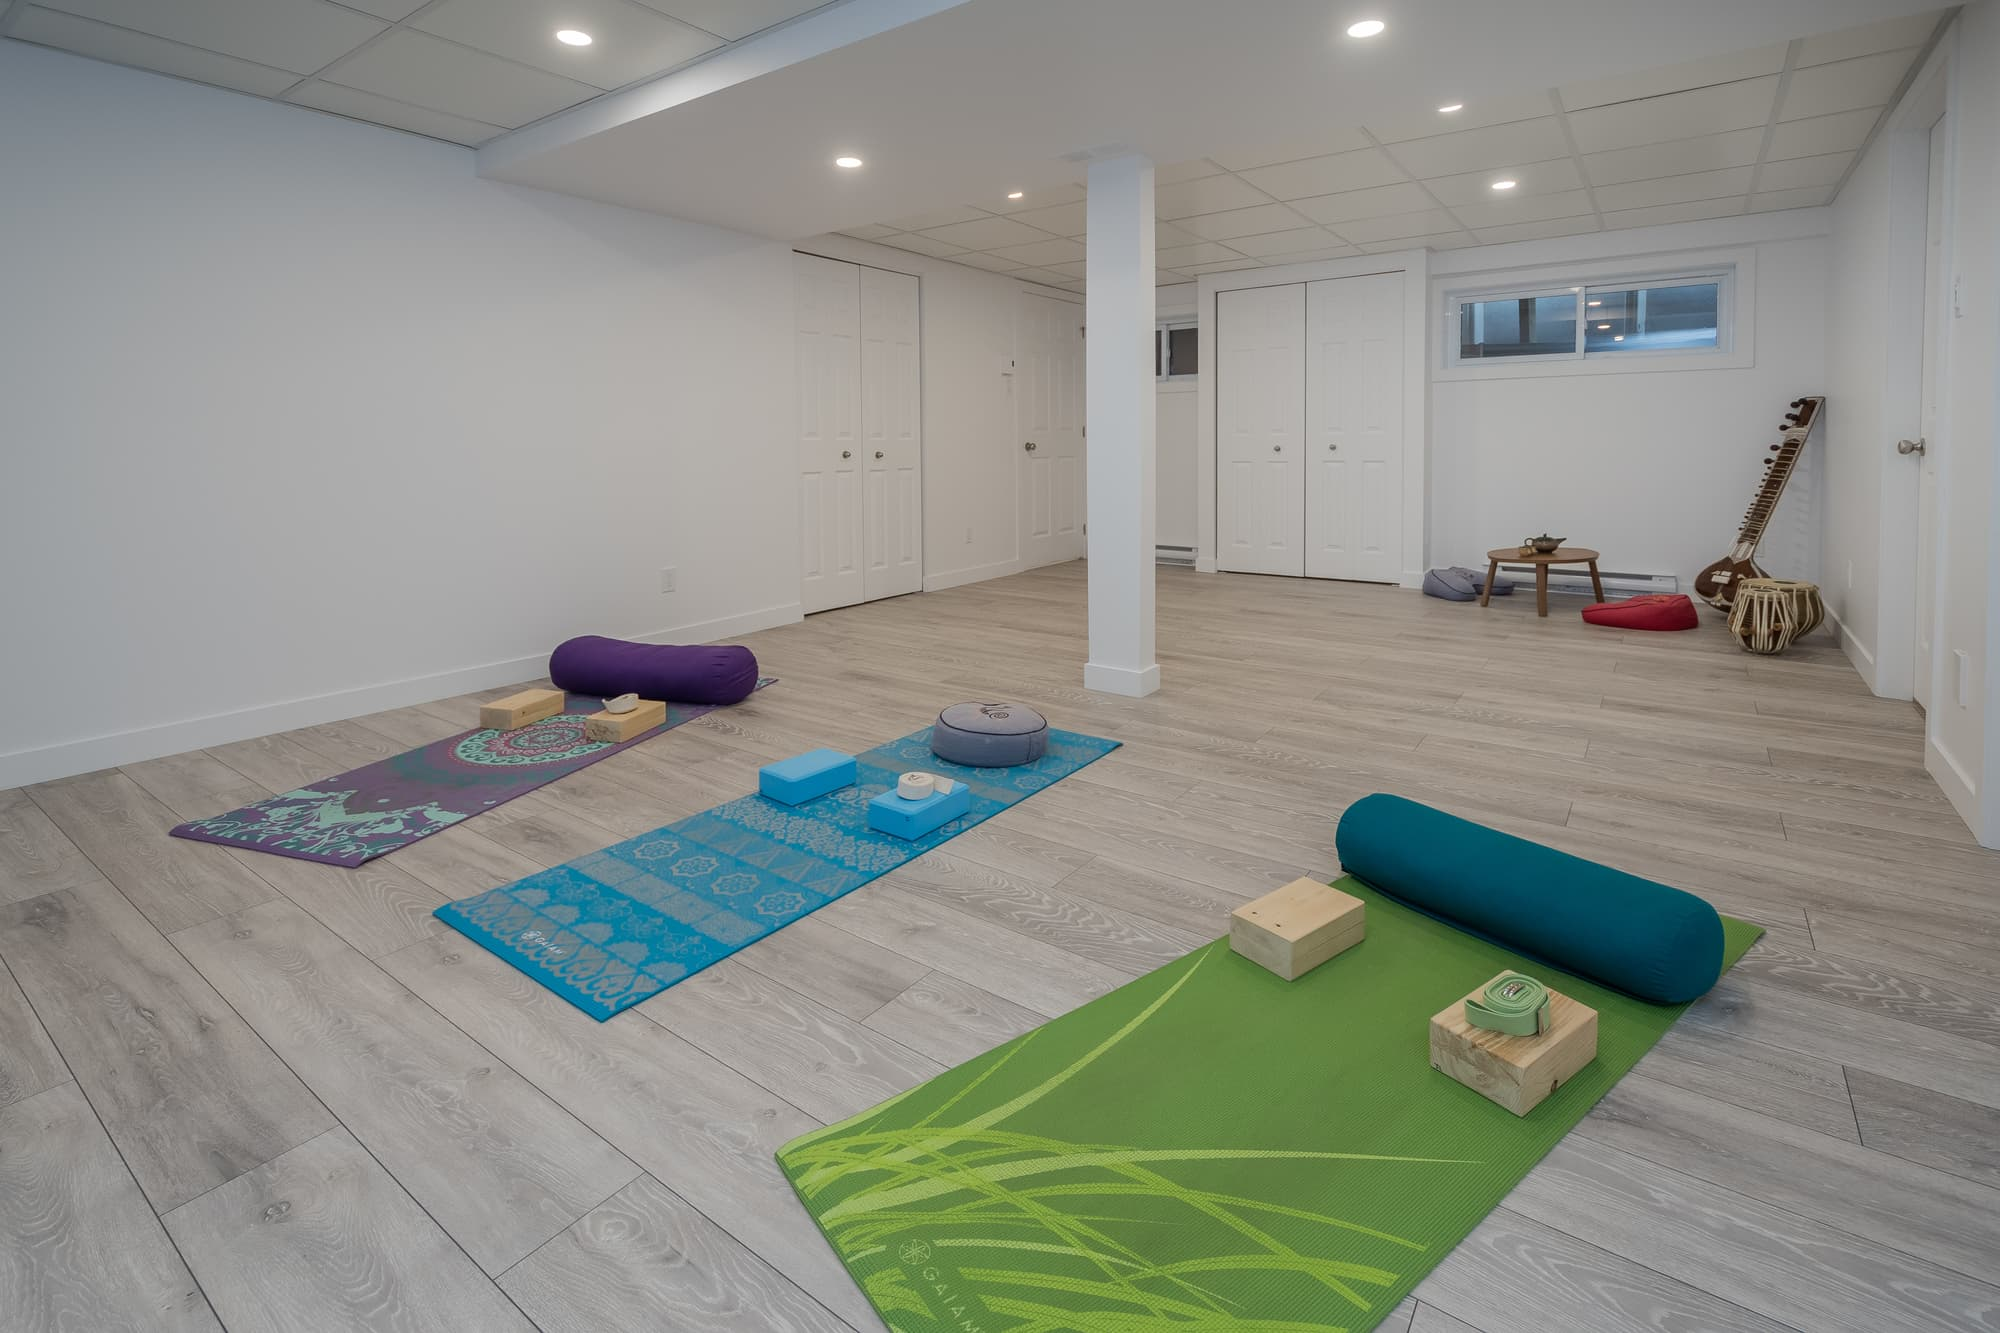 rénovation de sous-sol avec studio de yoga à domicile